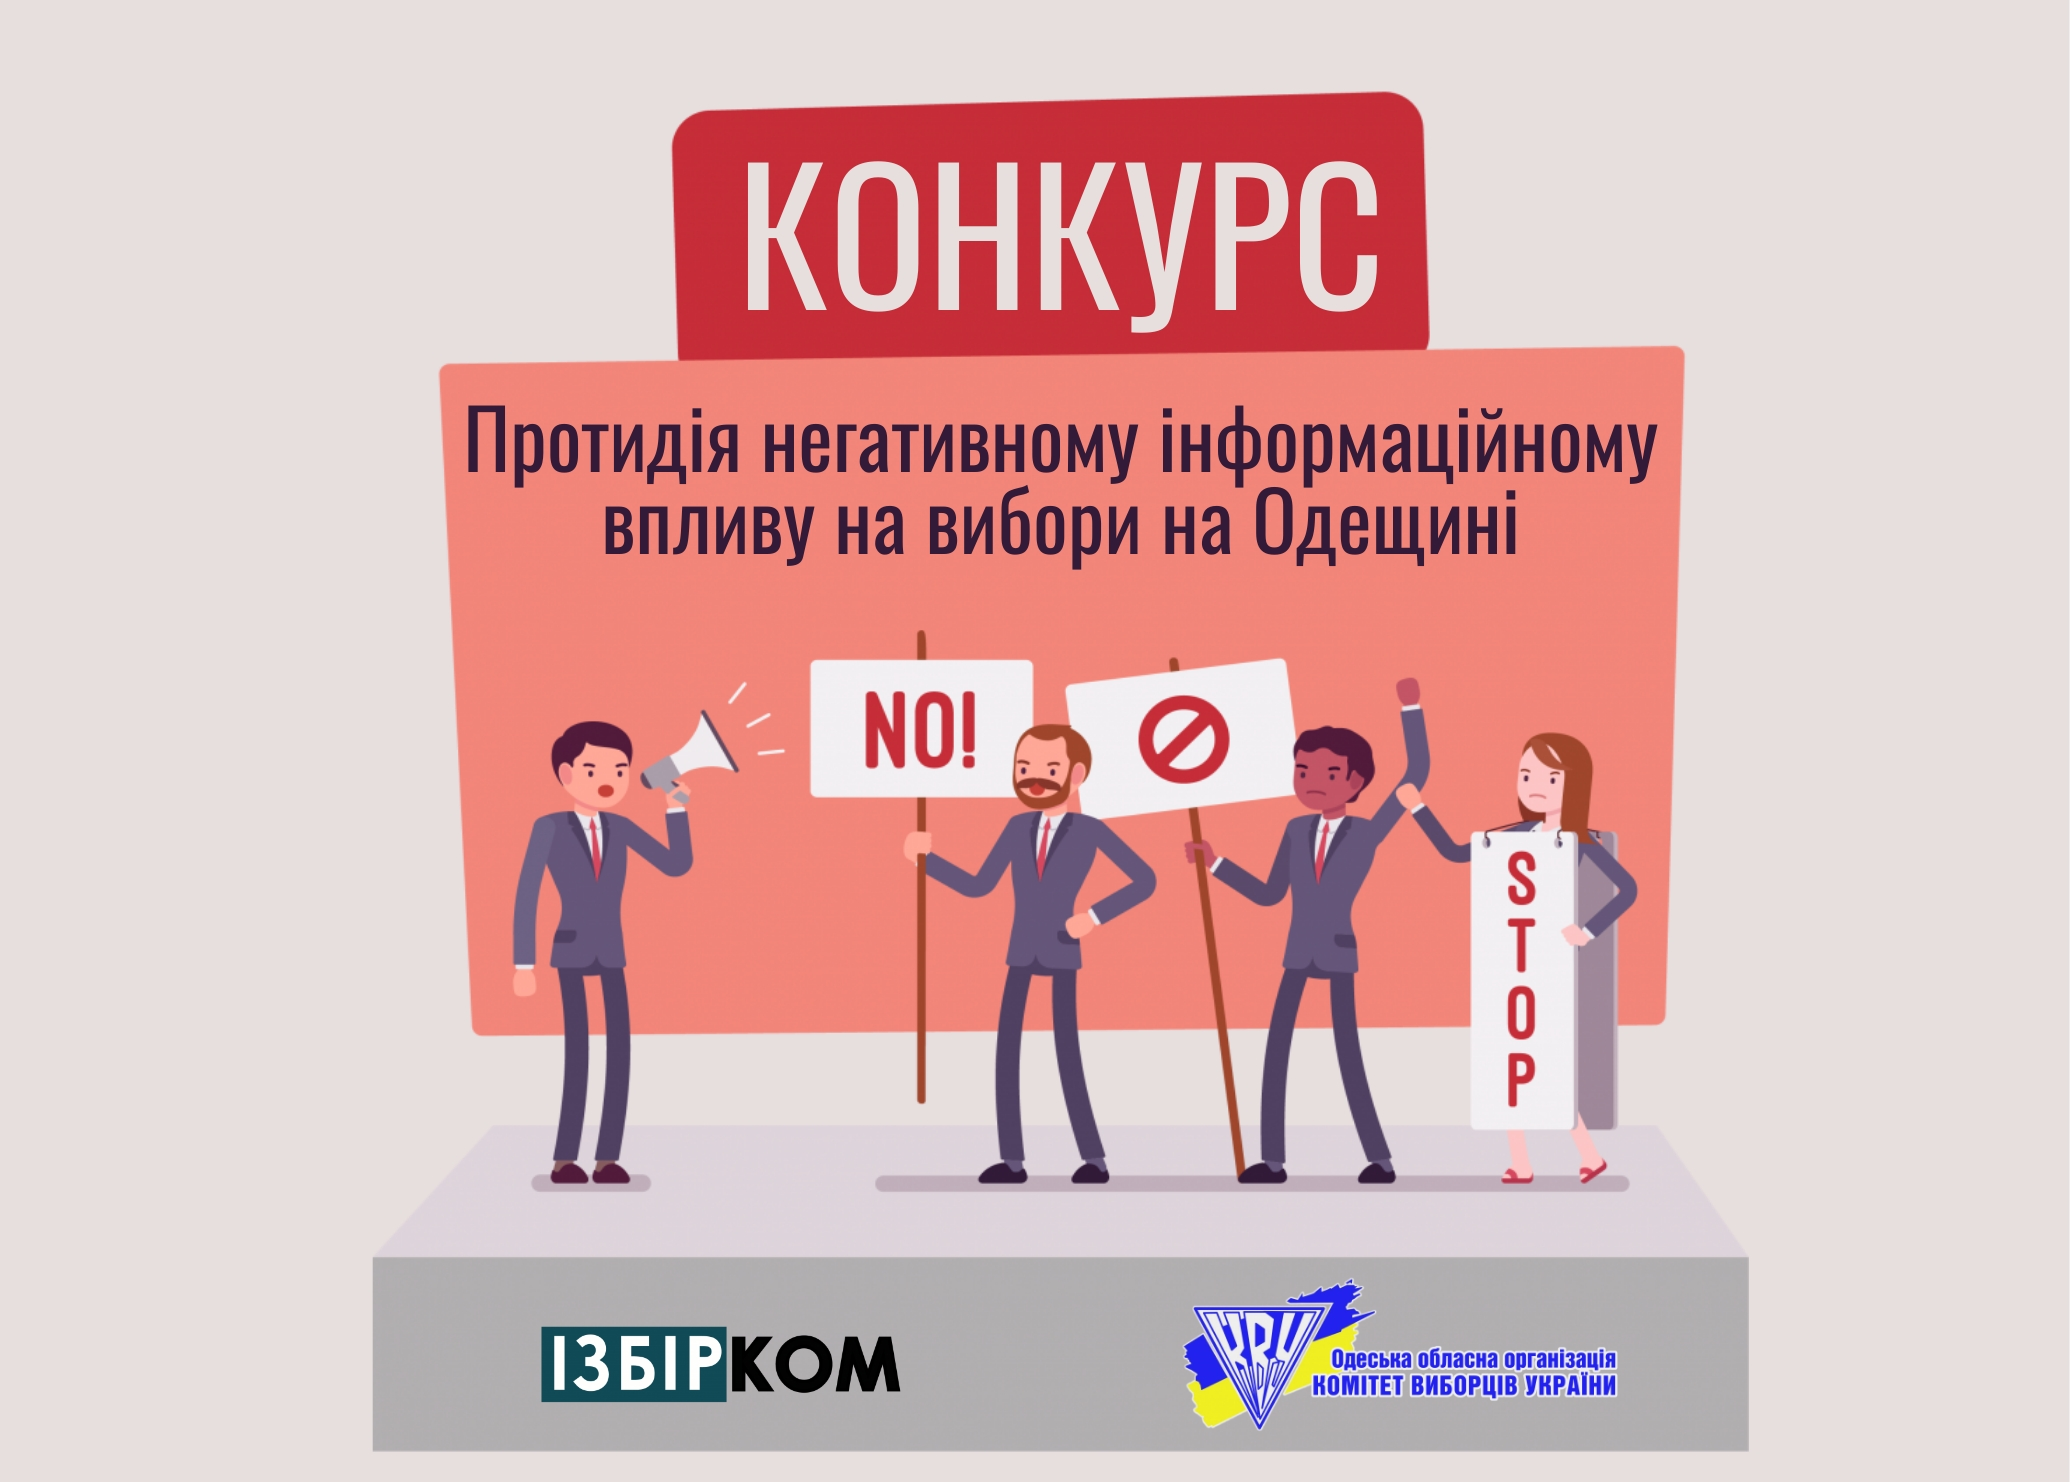 Конкурс: протидія негативному інформаційному впливу на вибори на Одещині